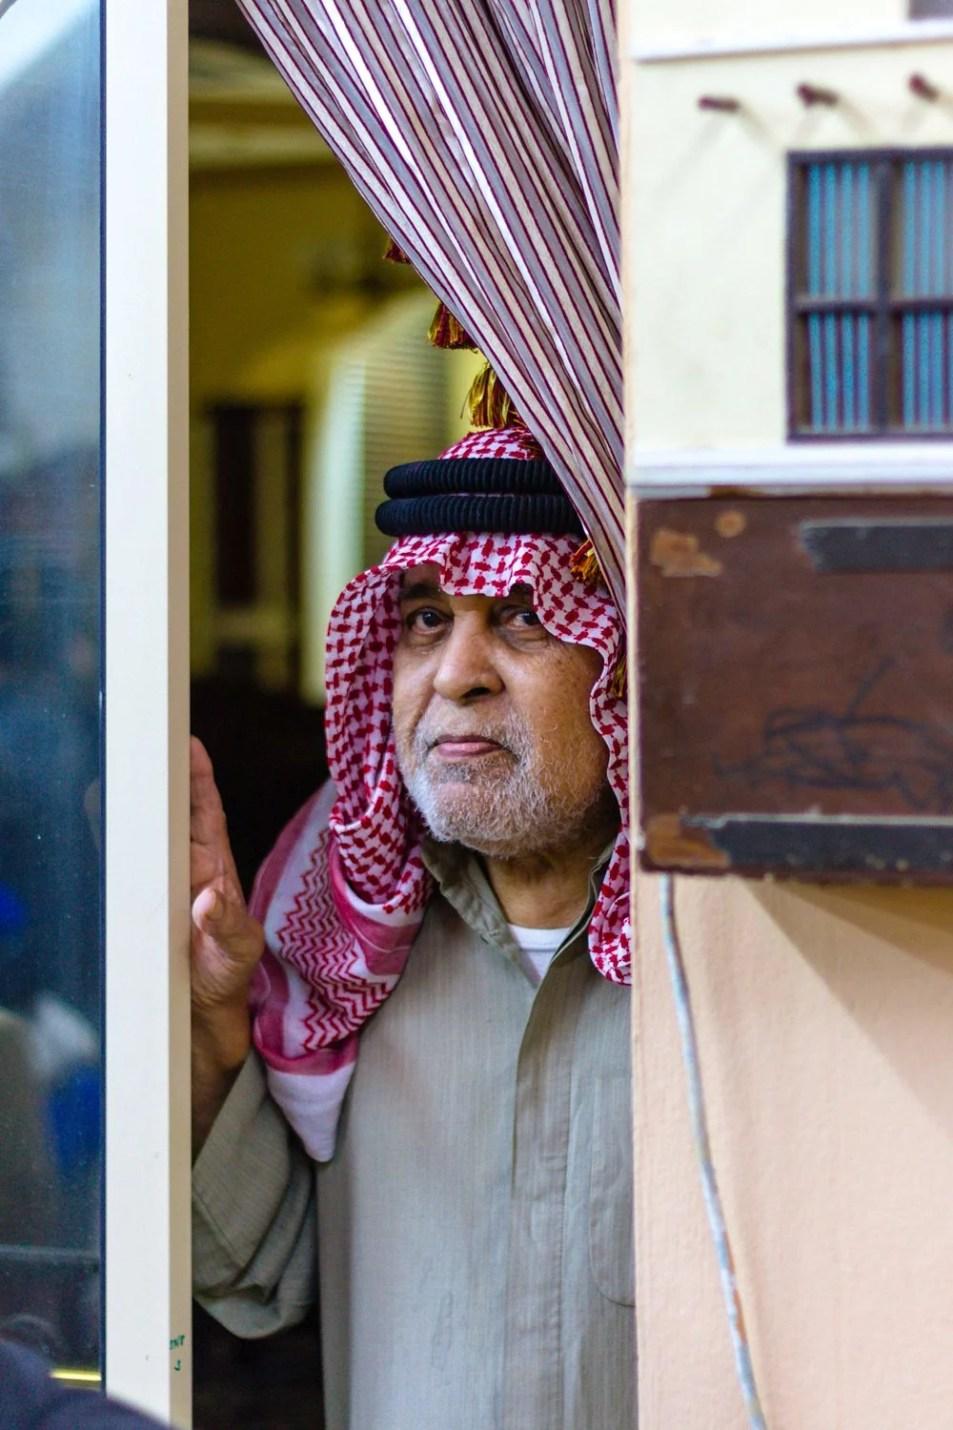 Nelson_Carvalheiro_Bahrain_1